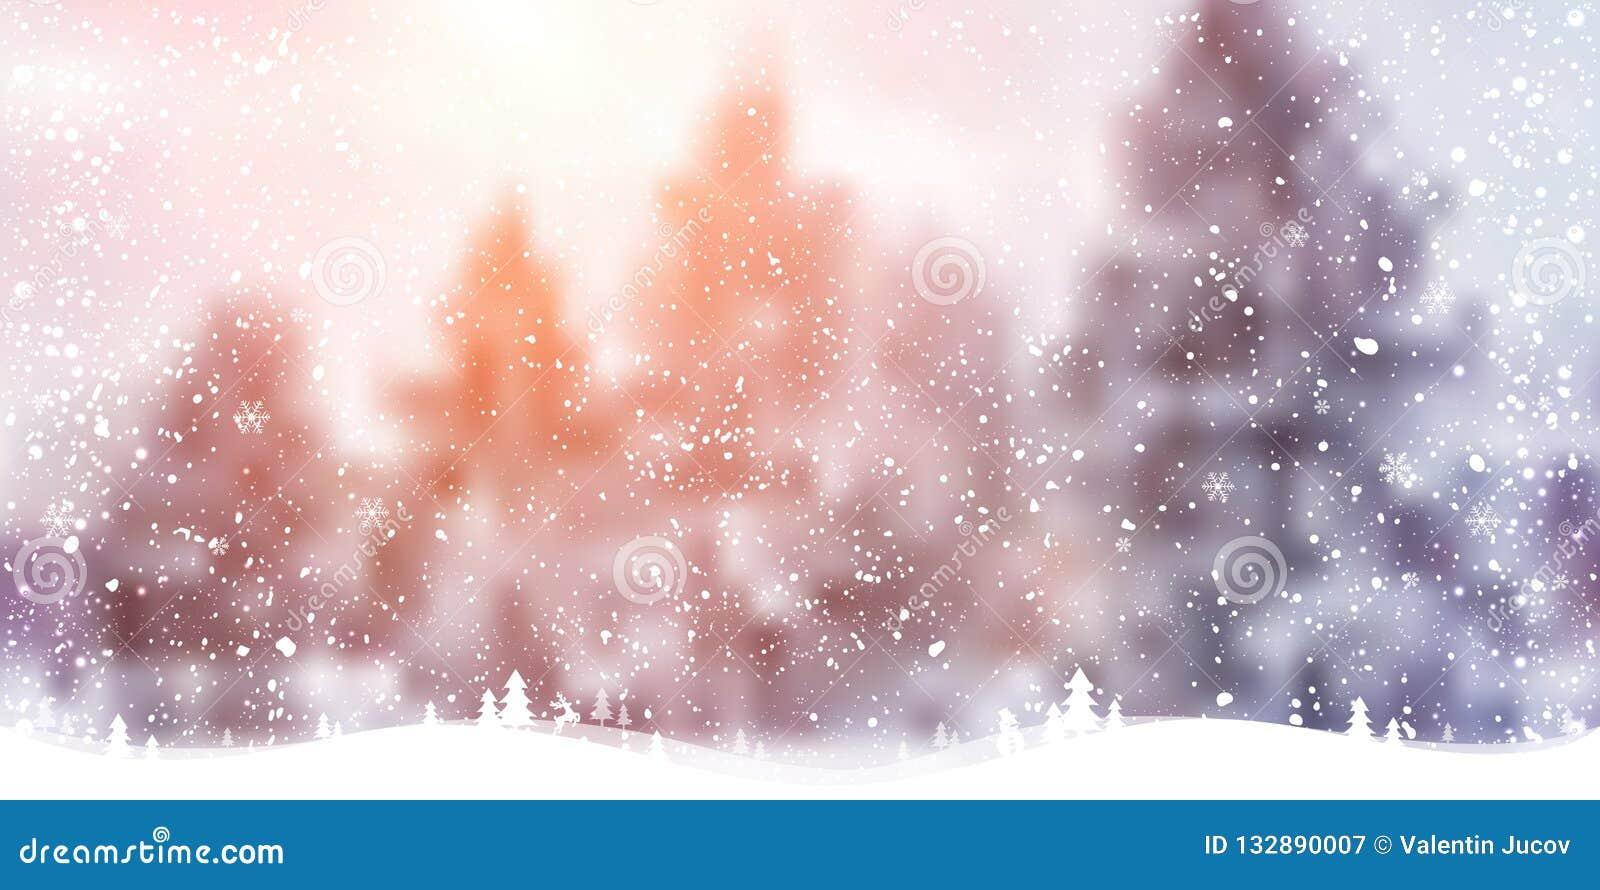 Zimy Bożenarodzeniowy tło z krajobrazem, las, płatek śniegu, światło, gra główna rolę xmas karciany nowy rok